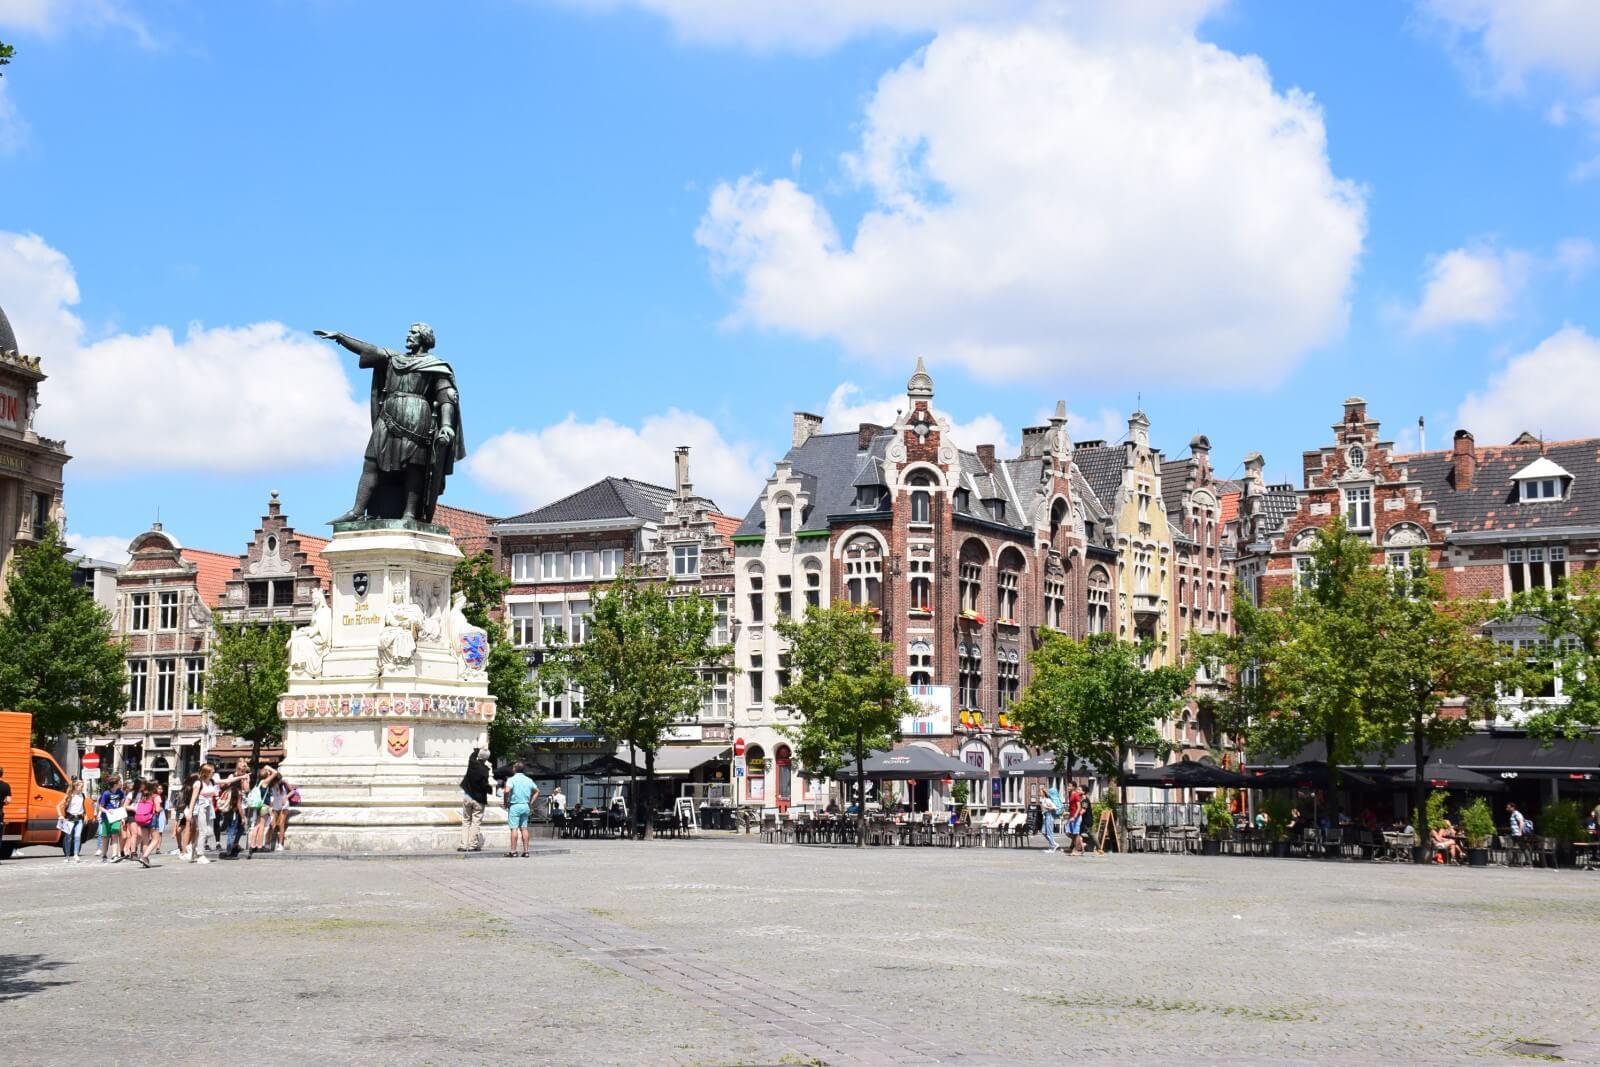 Statue of Jacob Van Artevelde in the Vrijdagmarkt (Friday Market).